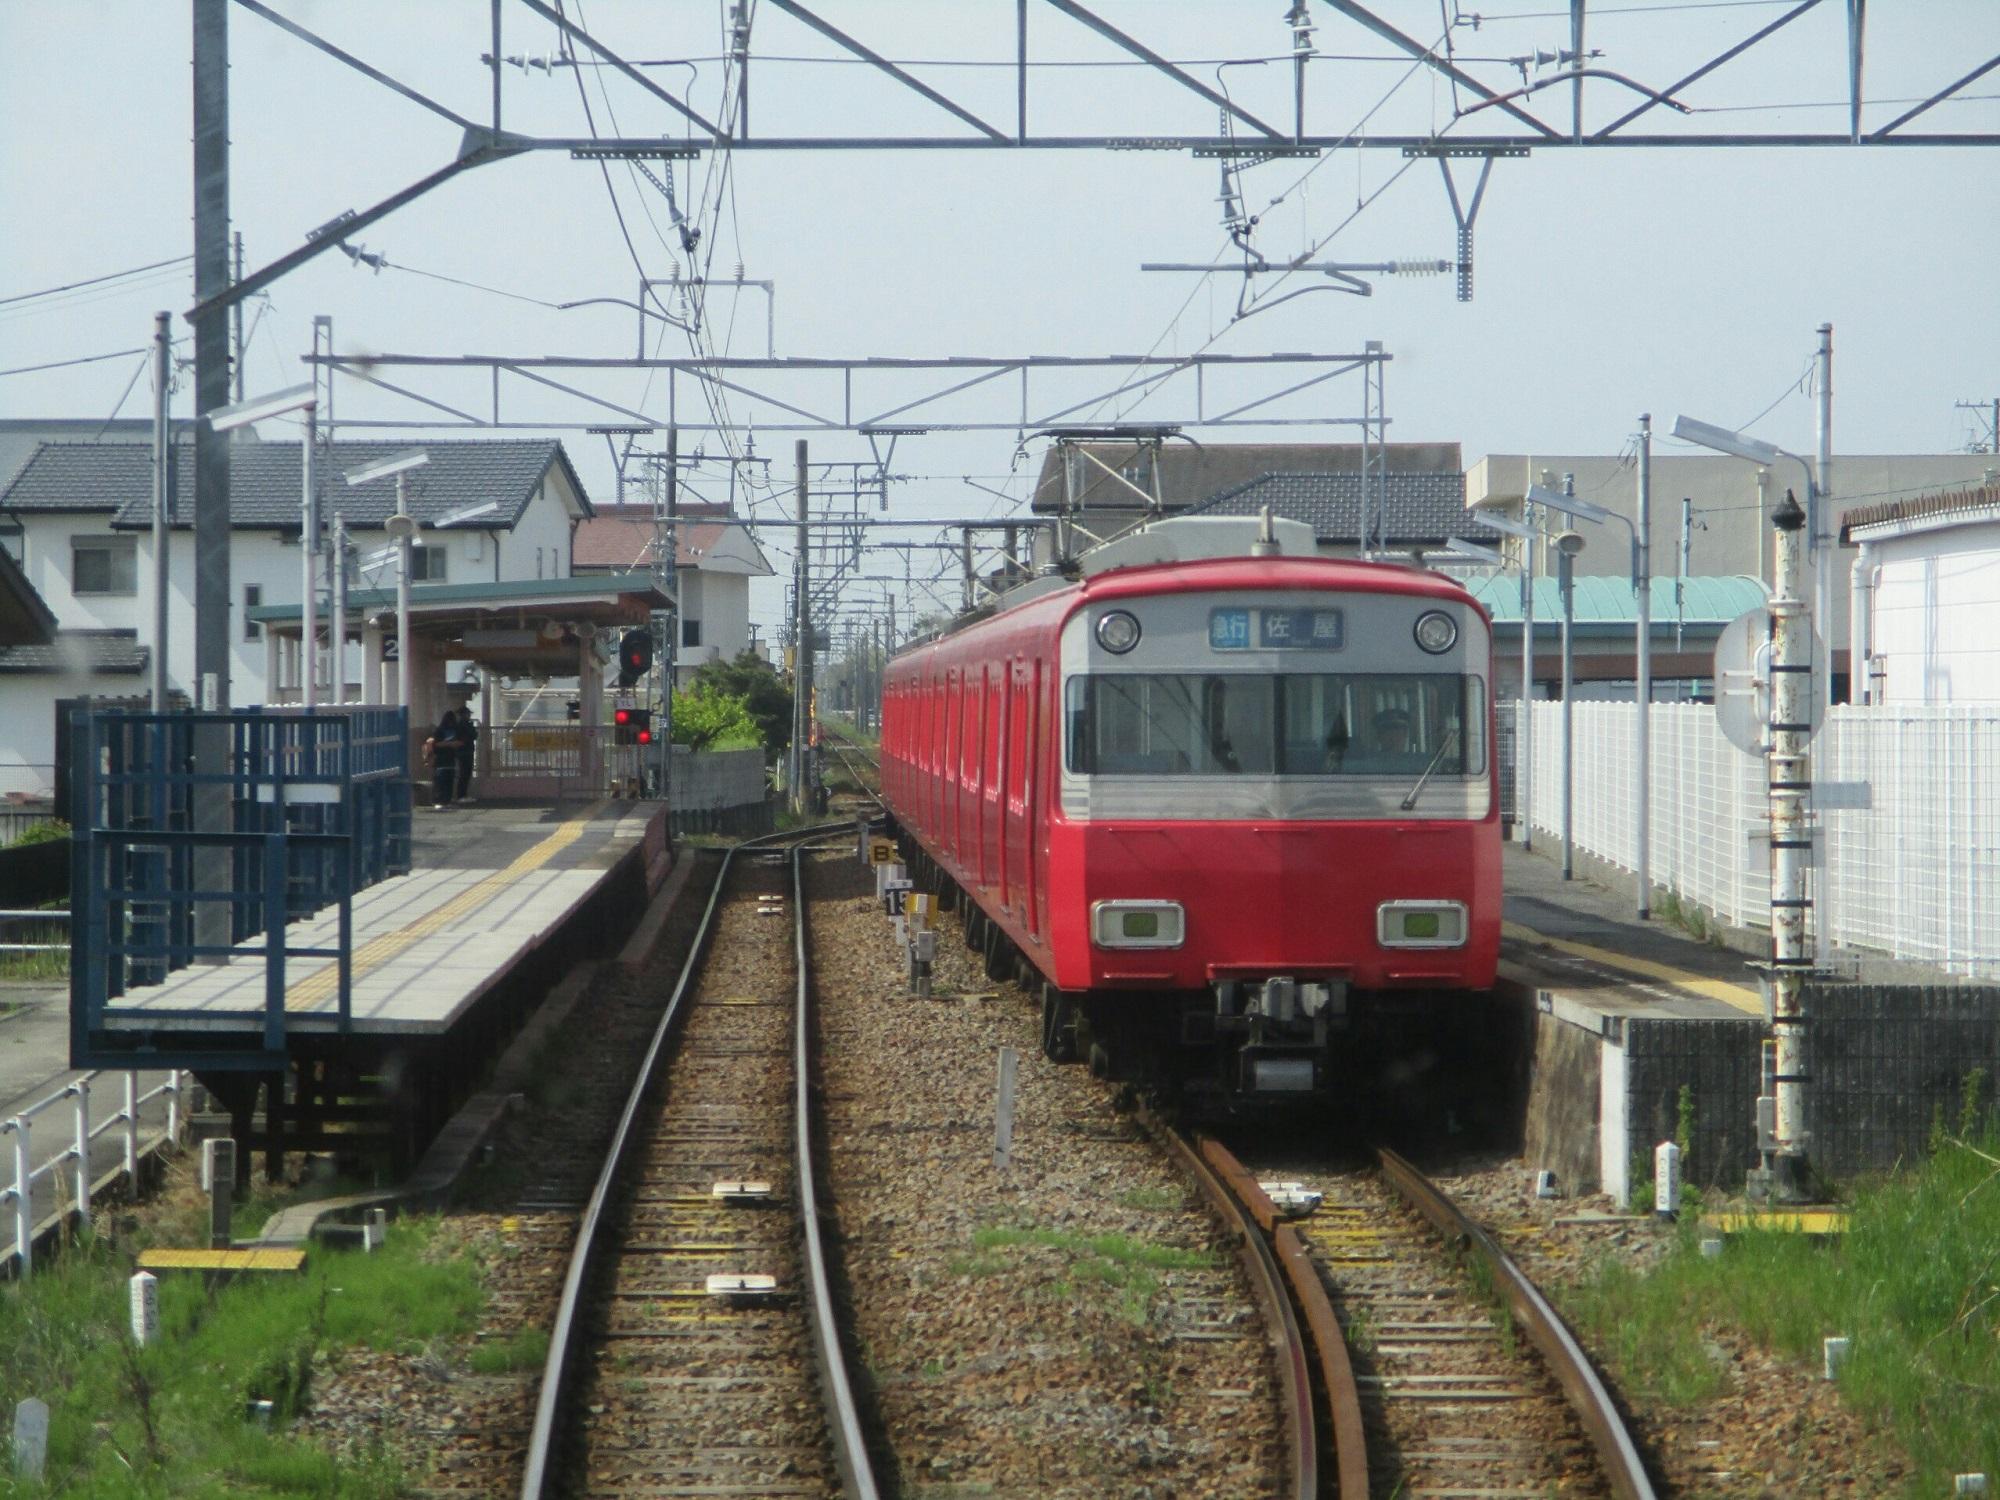 2019.5.3 (14) 吉良吉田いき急行 - 上横須賀(佐屋いき急行) 2000-1500